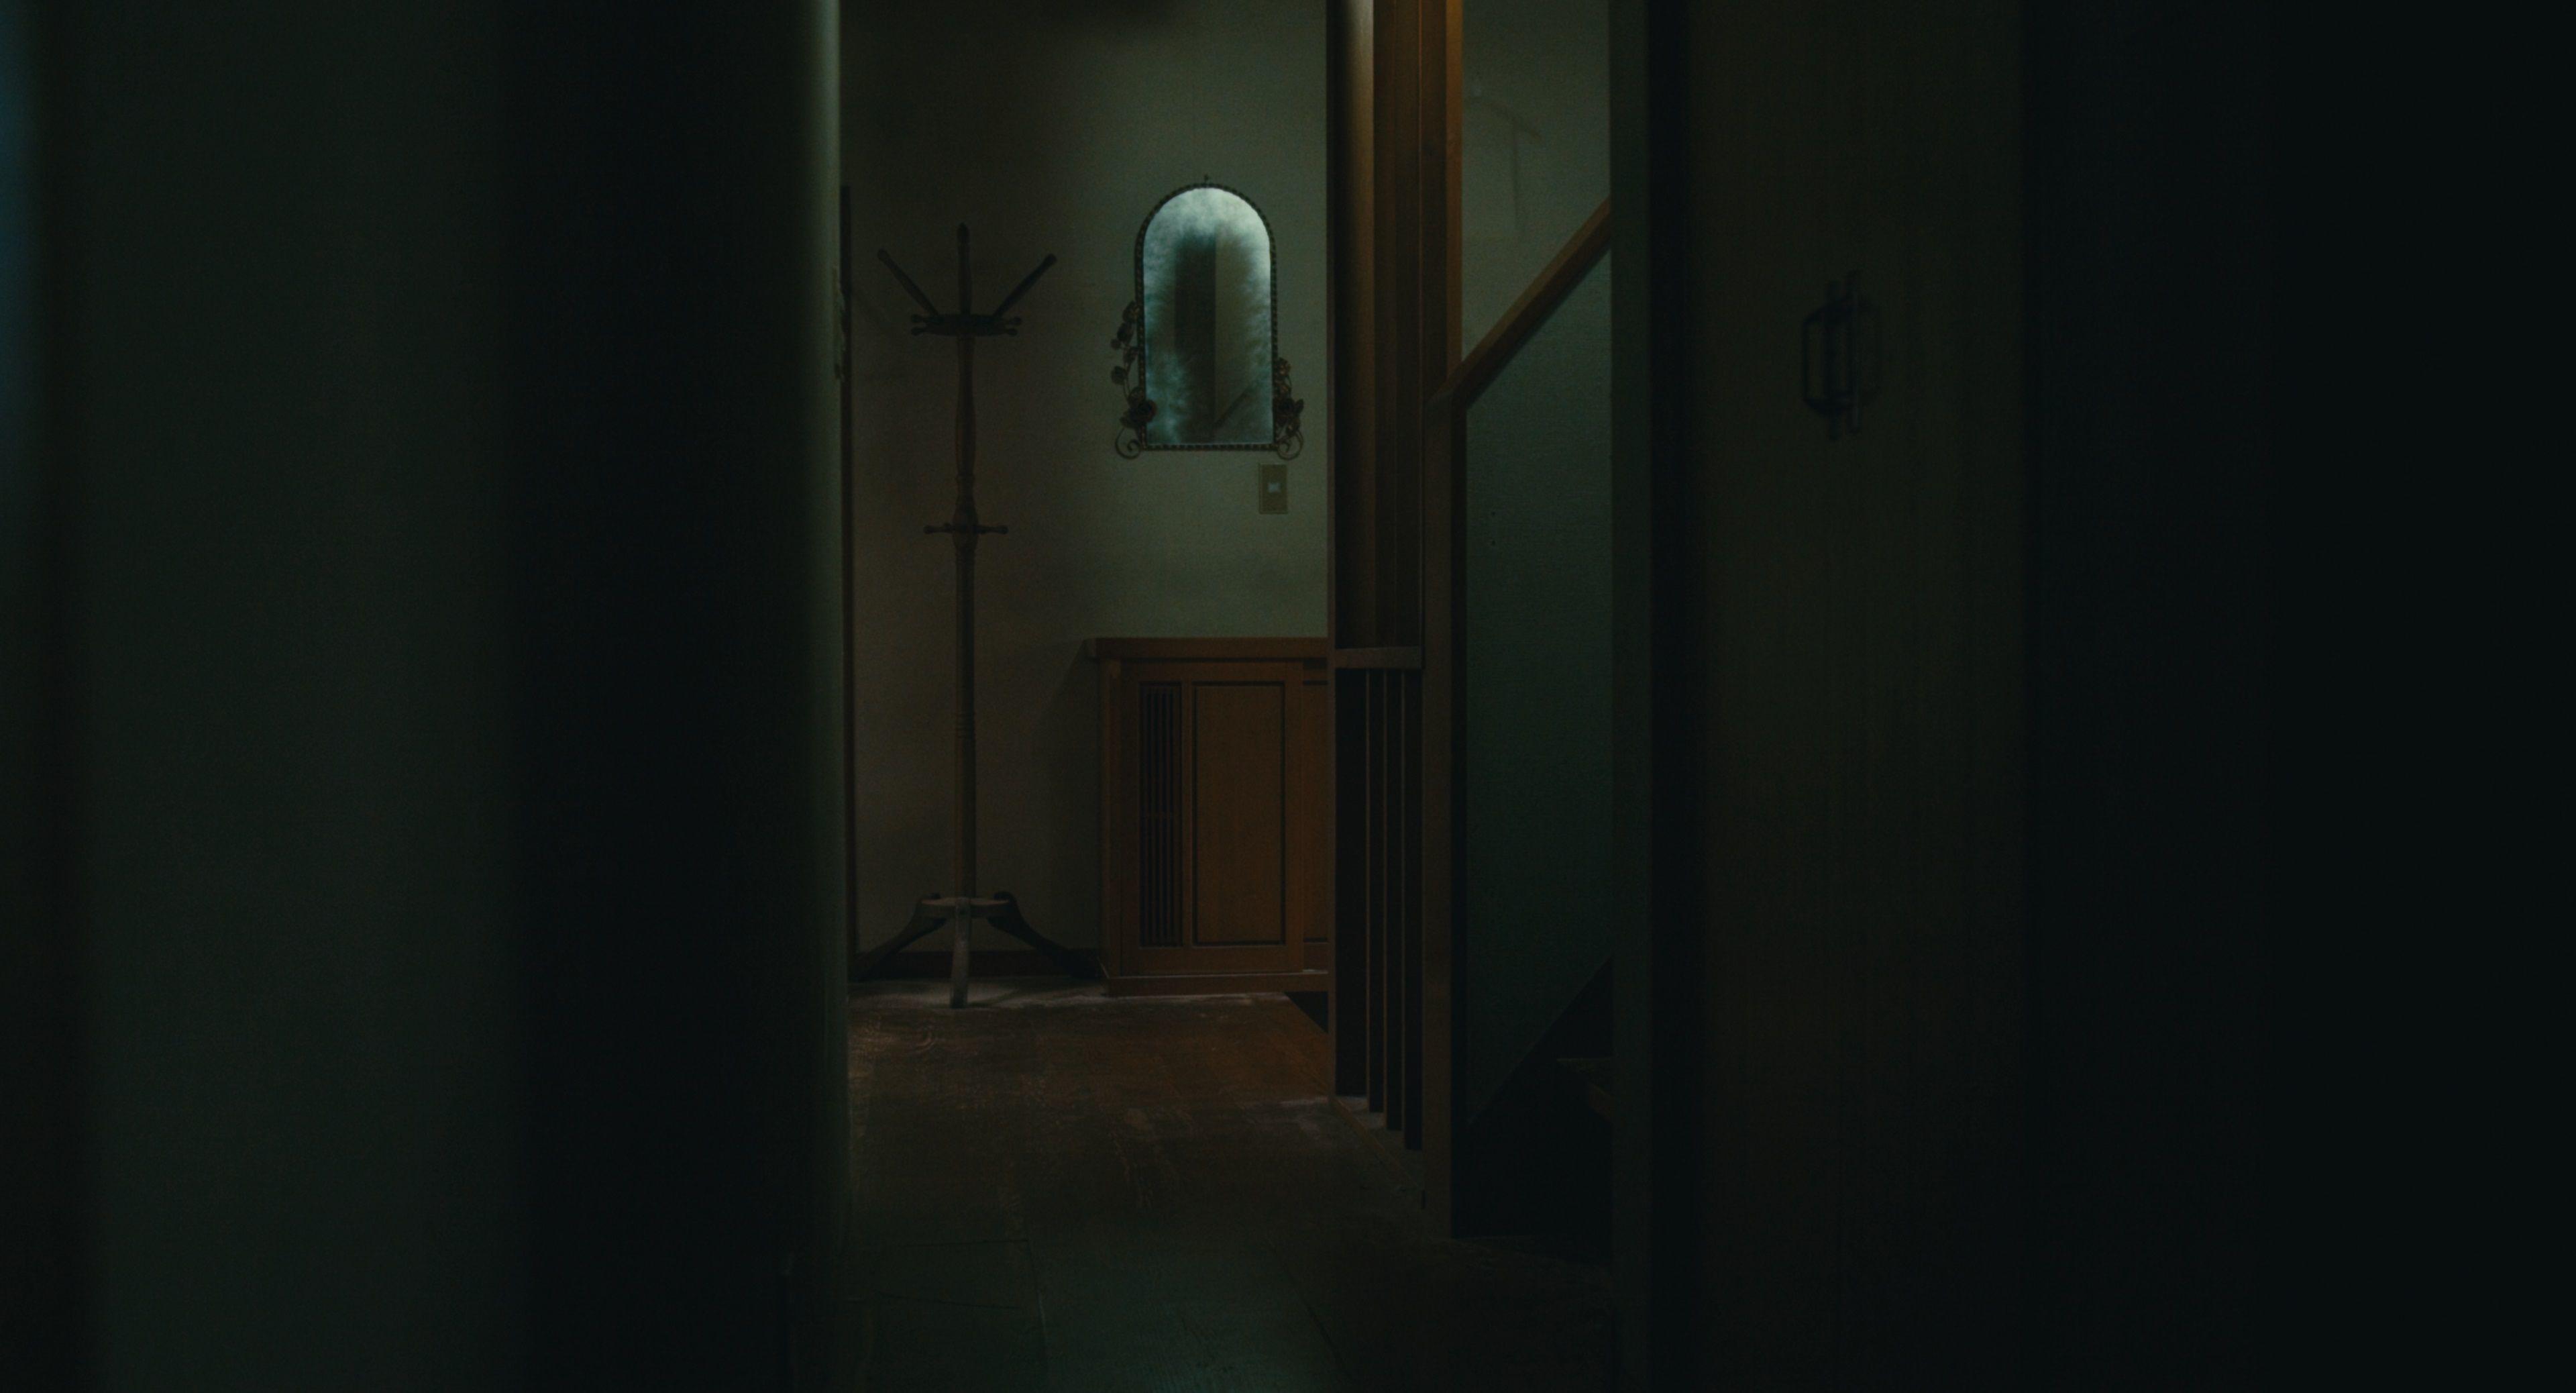 Netflixオリジナルシリーズ『呪怨:呪いの家』は2020年7月3日(金)、世界190カ国へ配信予定